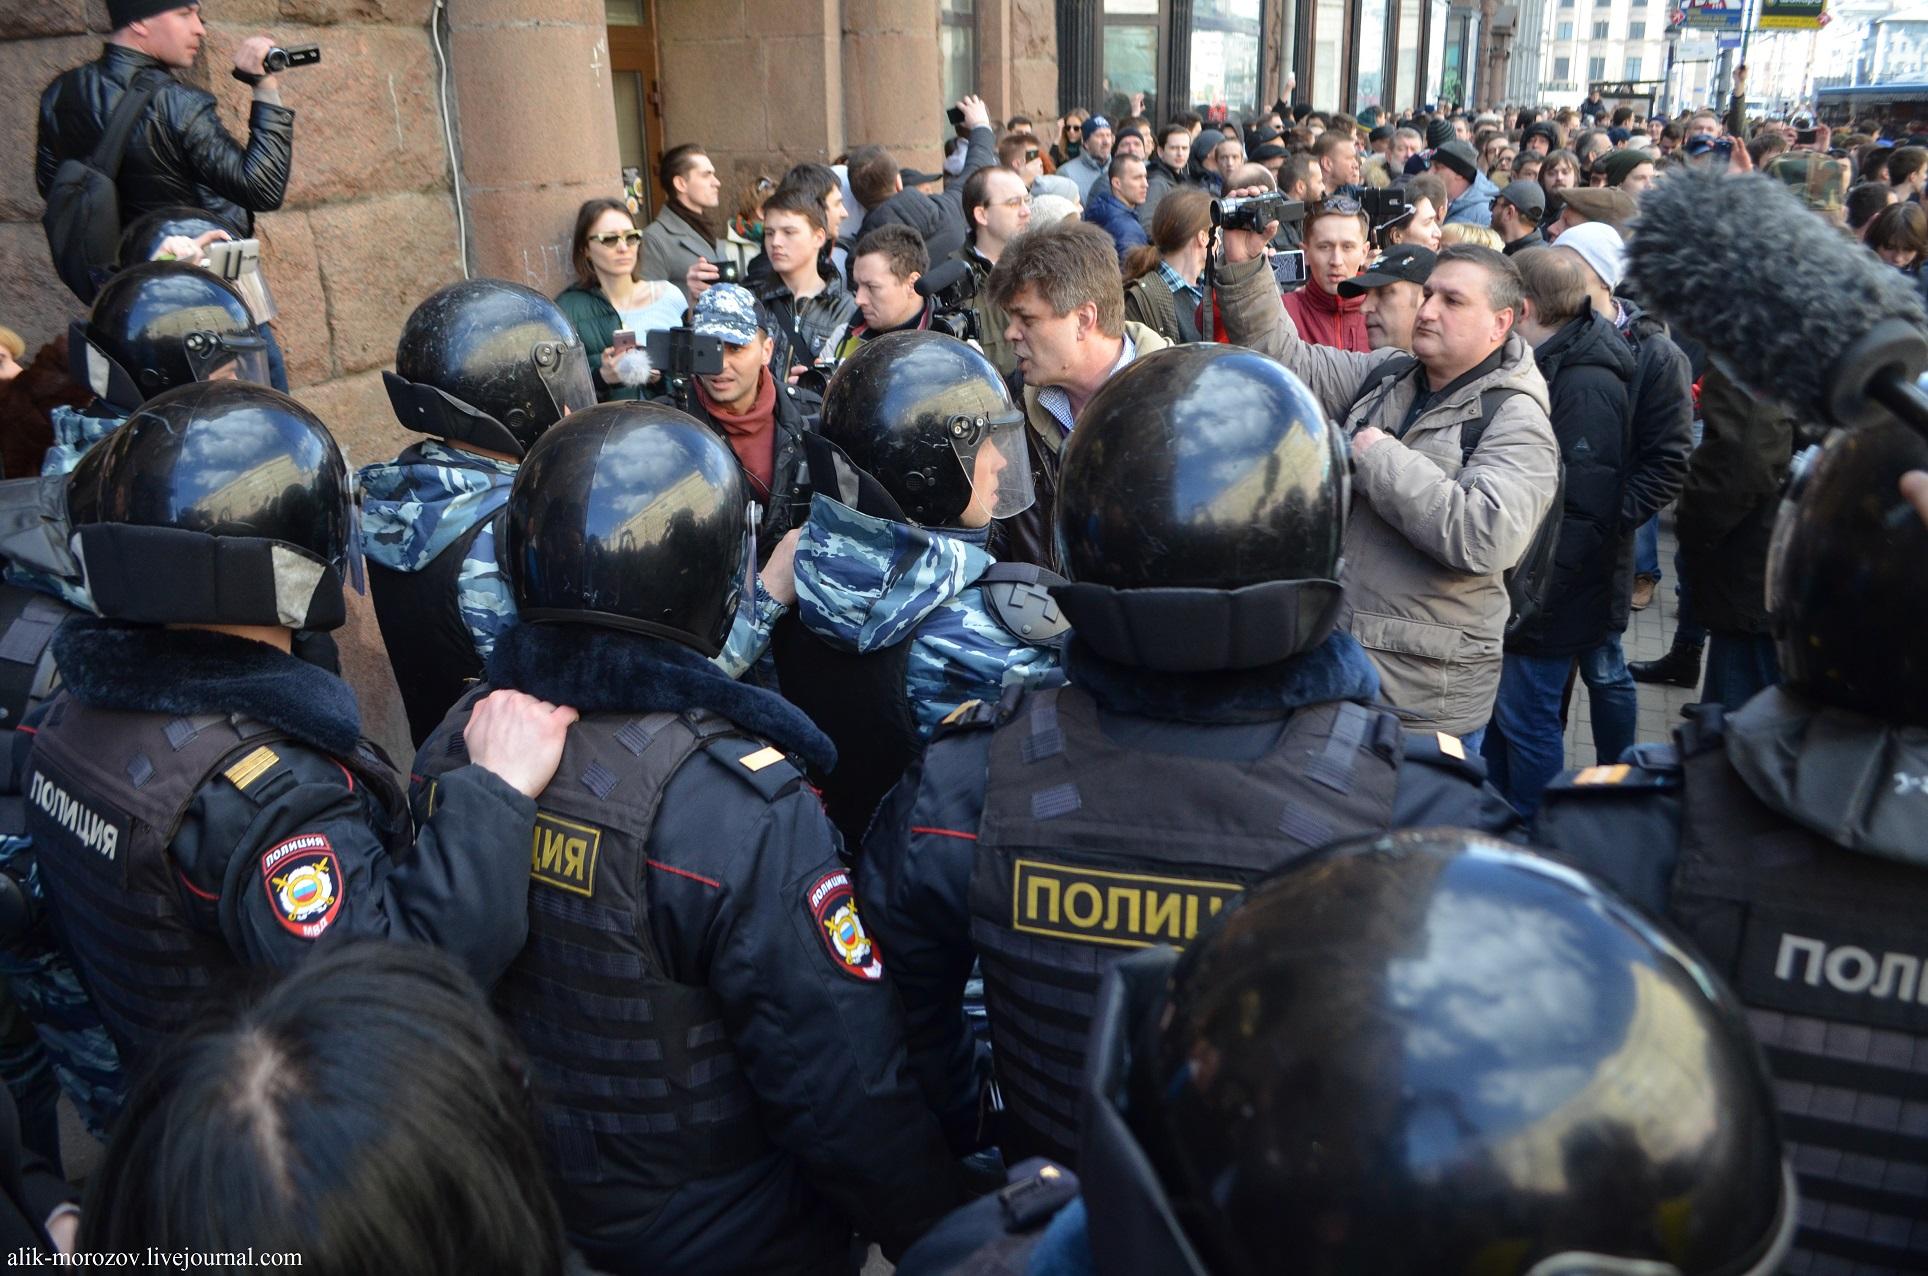 Аресты, штрафы, допросы, угрозы. Последствия воскресных митингов против коррупции